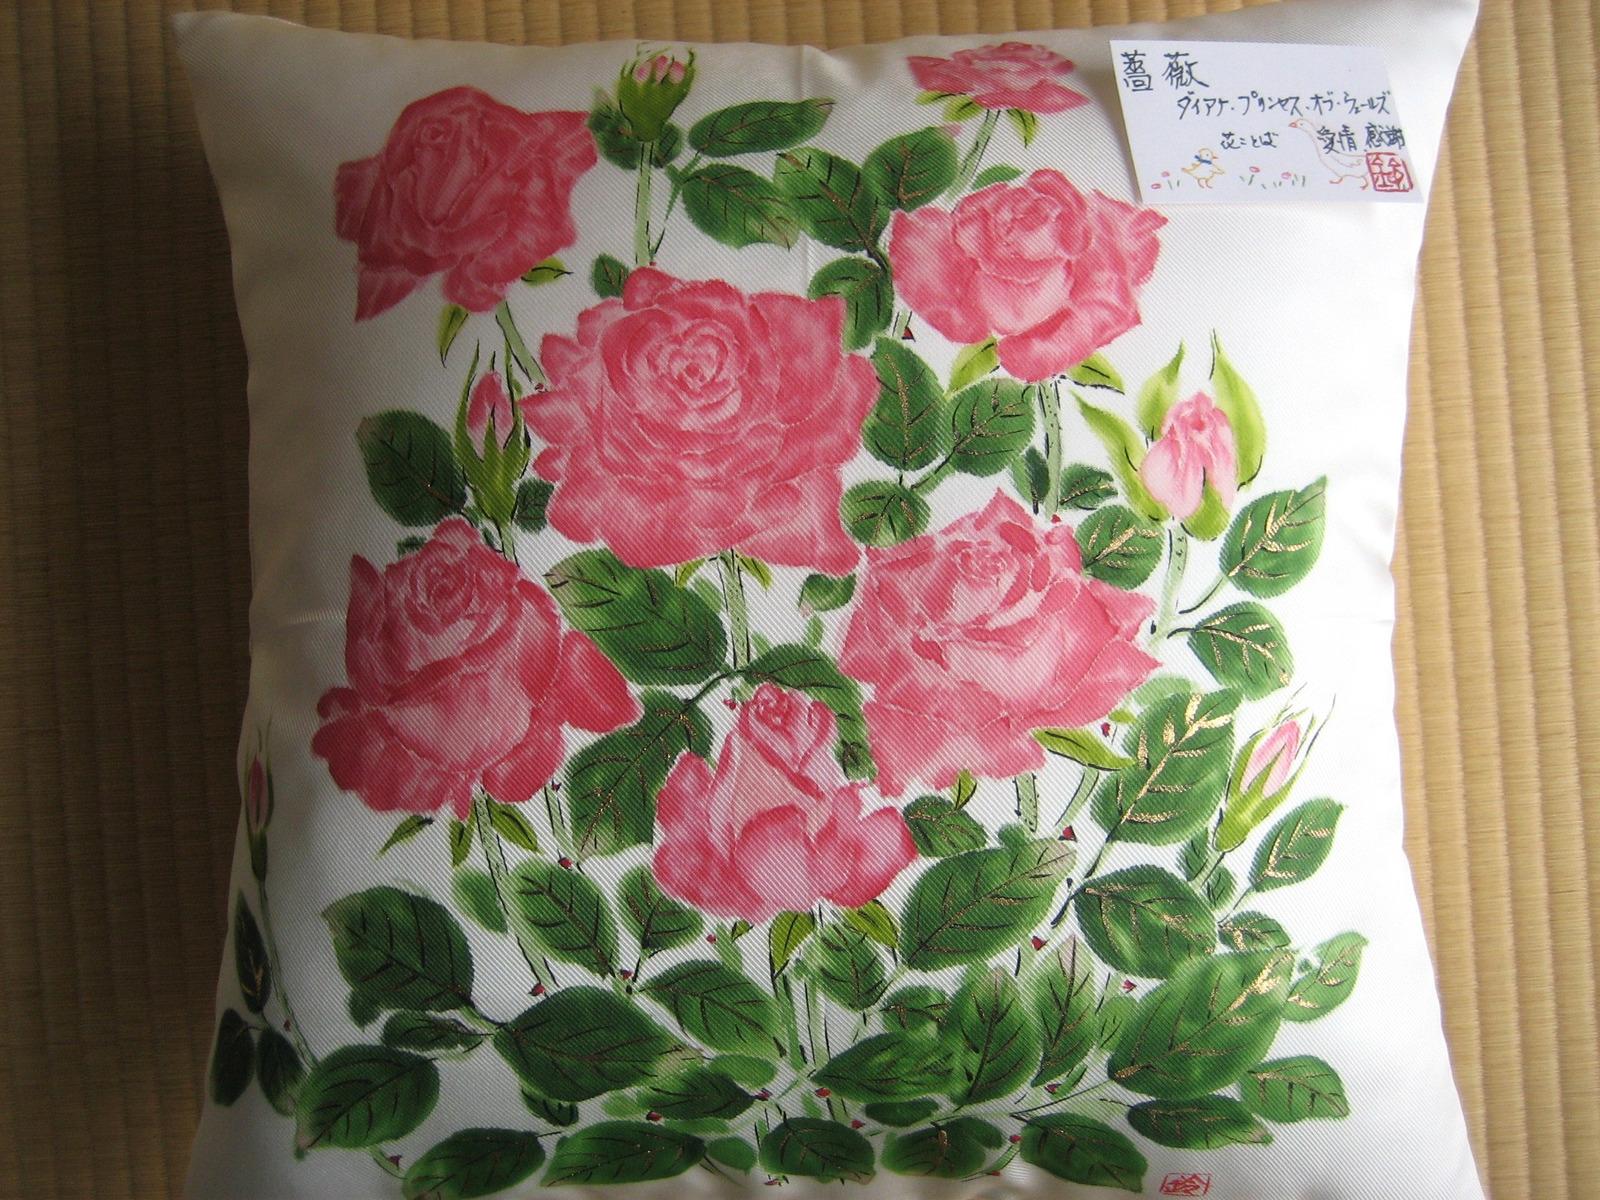 淡いピンクに黄色が混じった薔薇の花クッション・ ダイアナプリンセス オブ ウェールズ